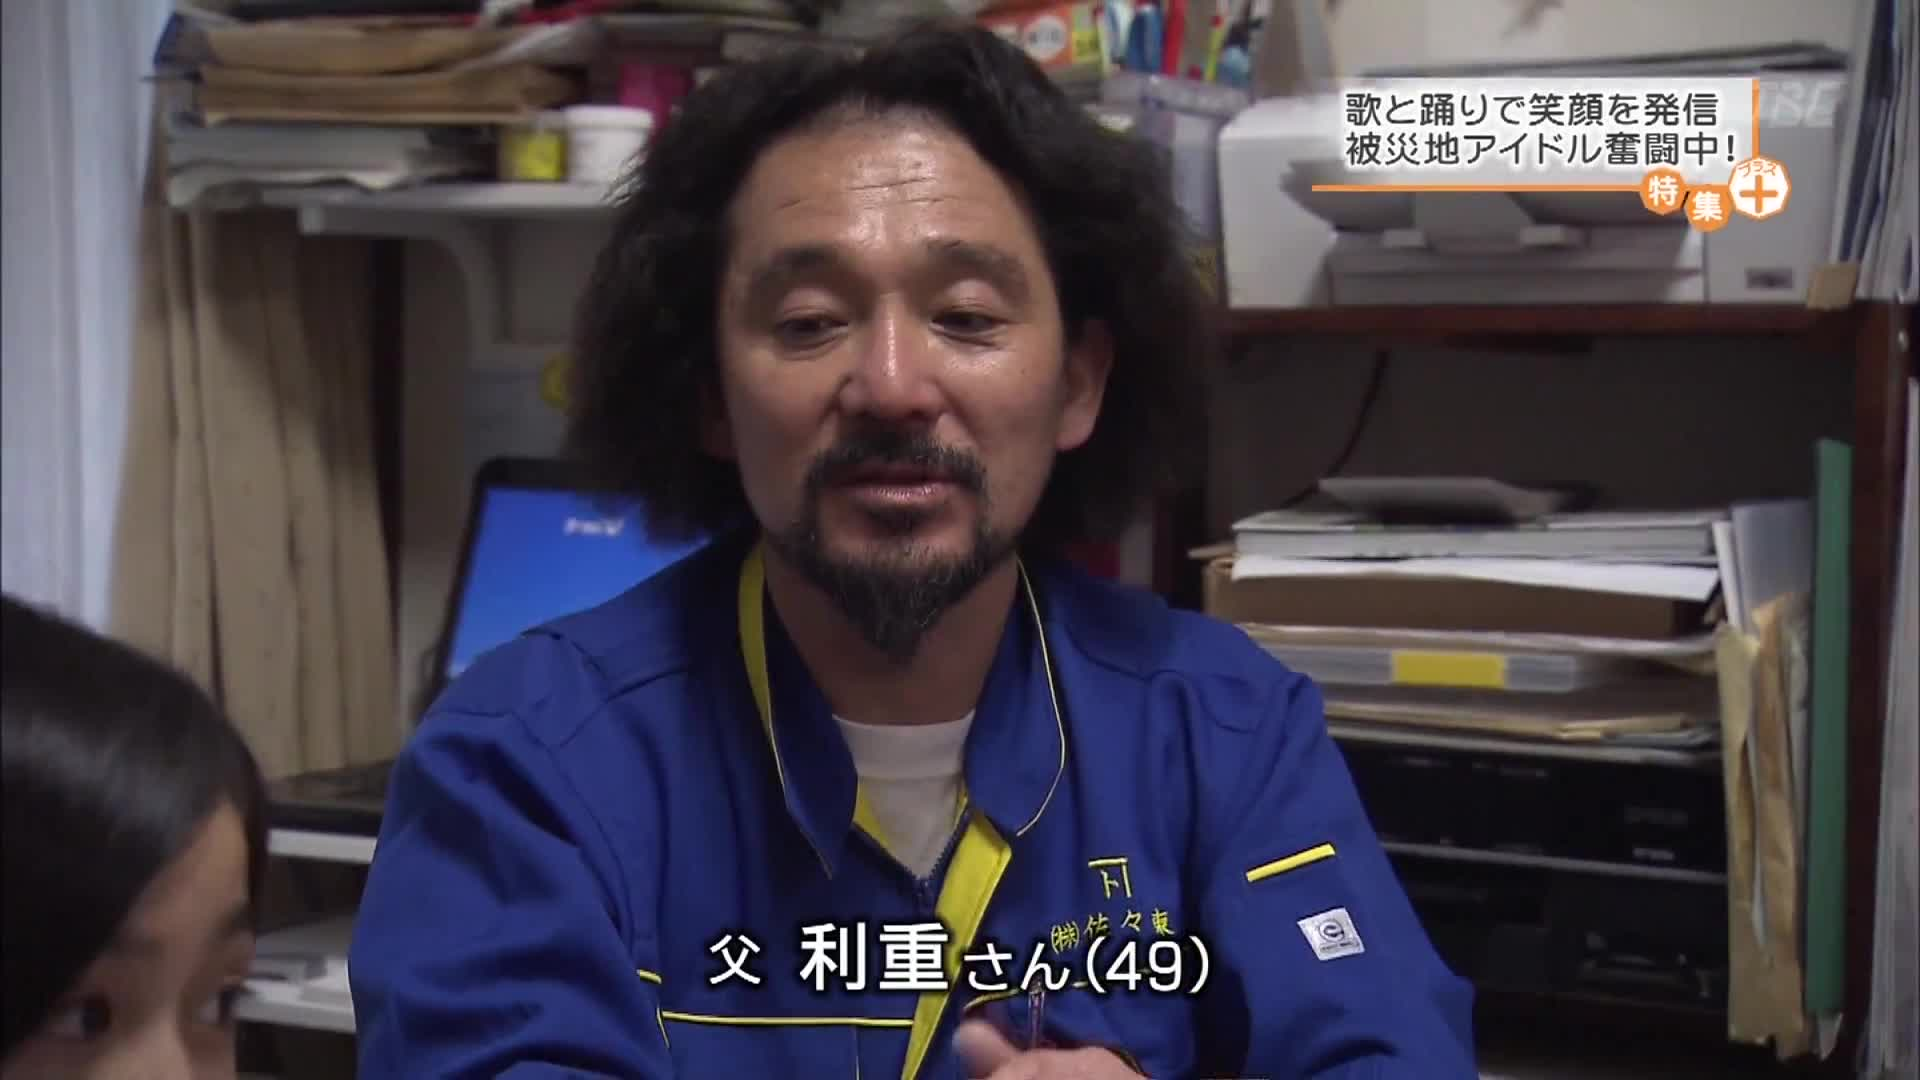 Sasaki Toshishige